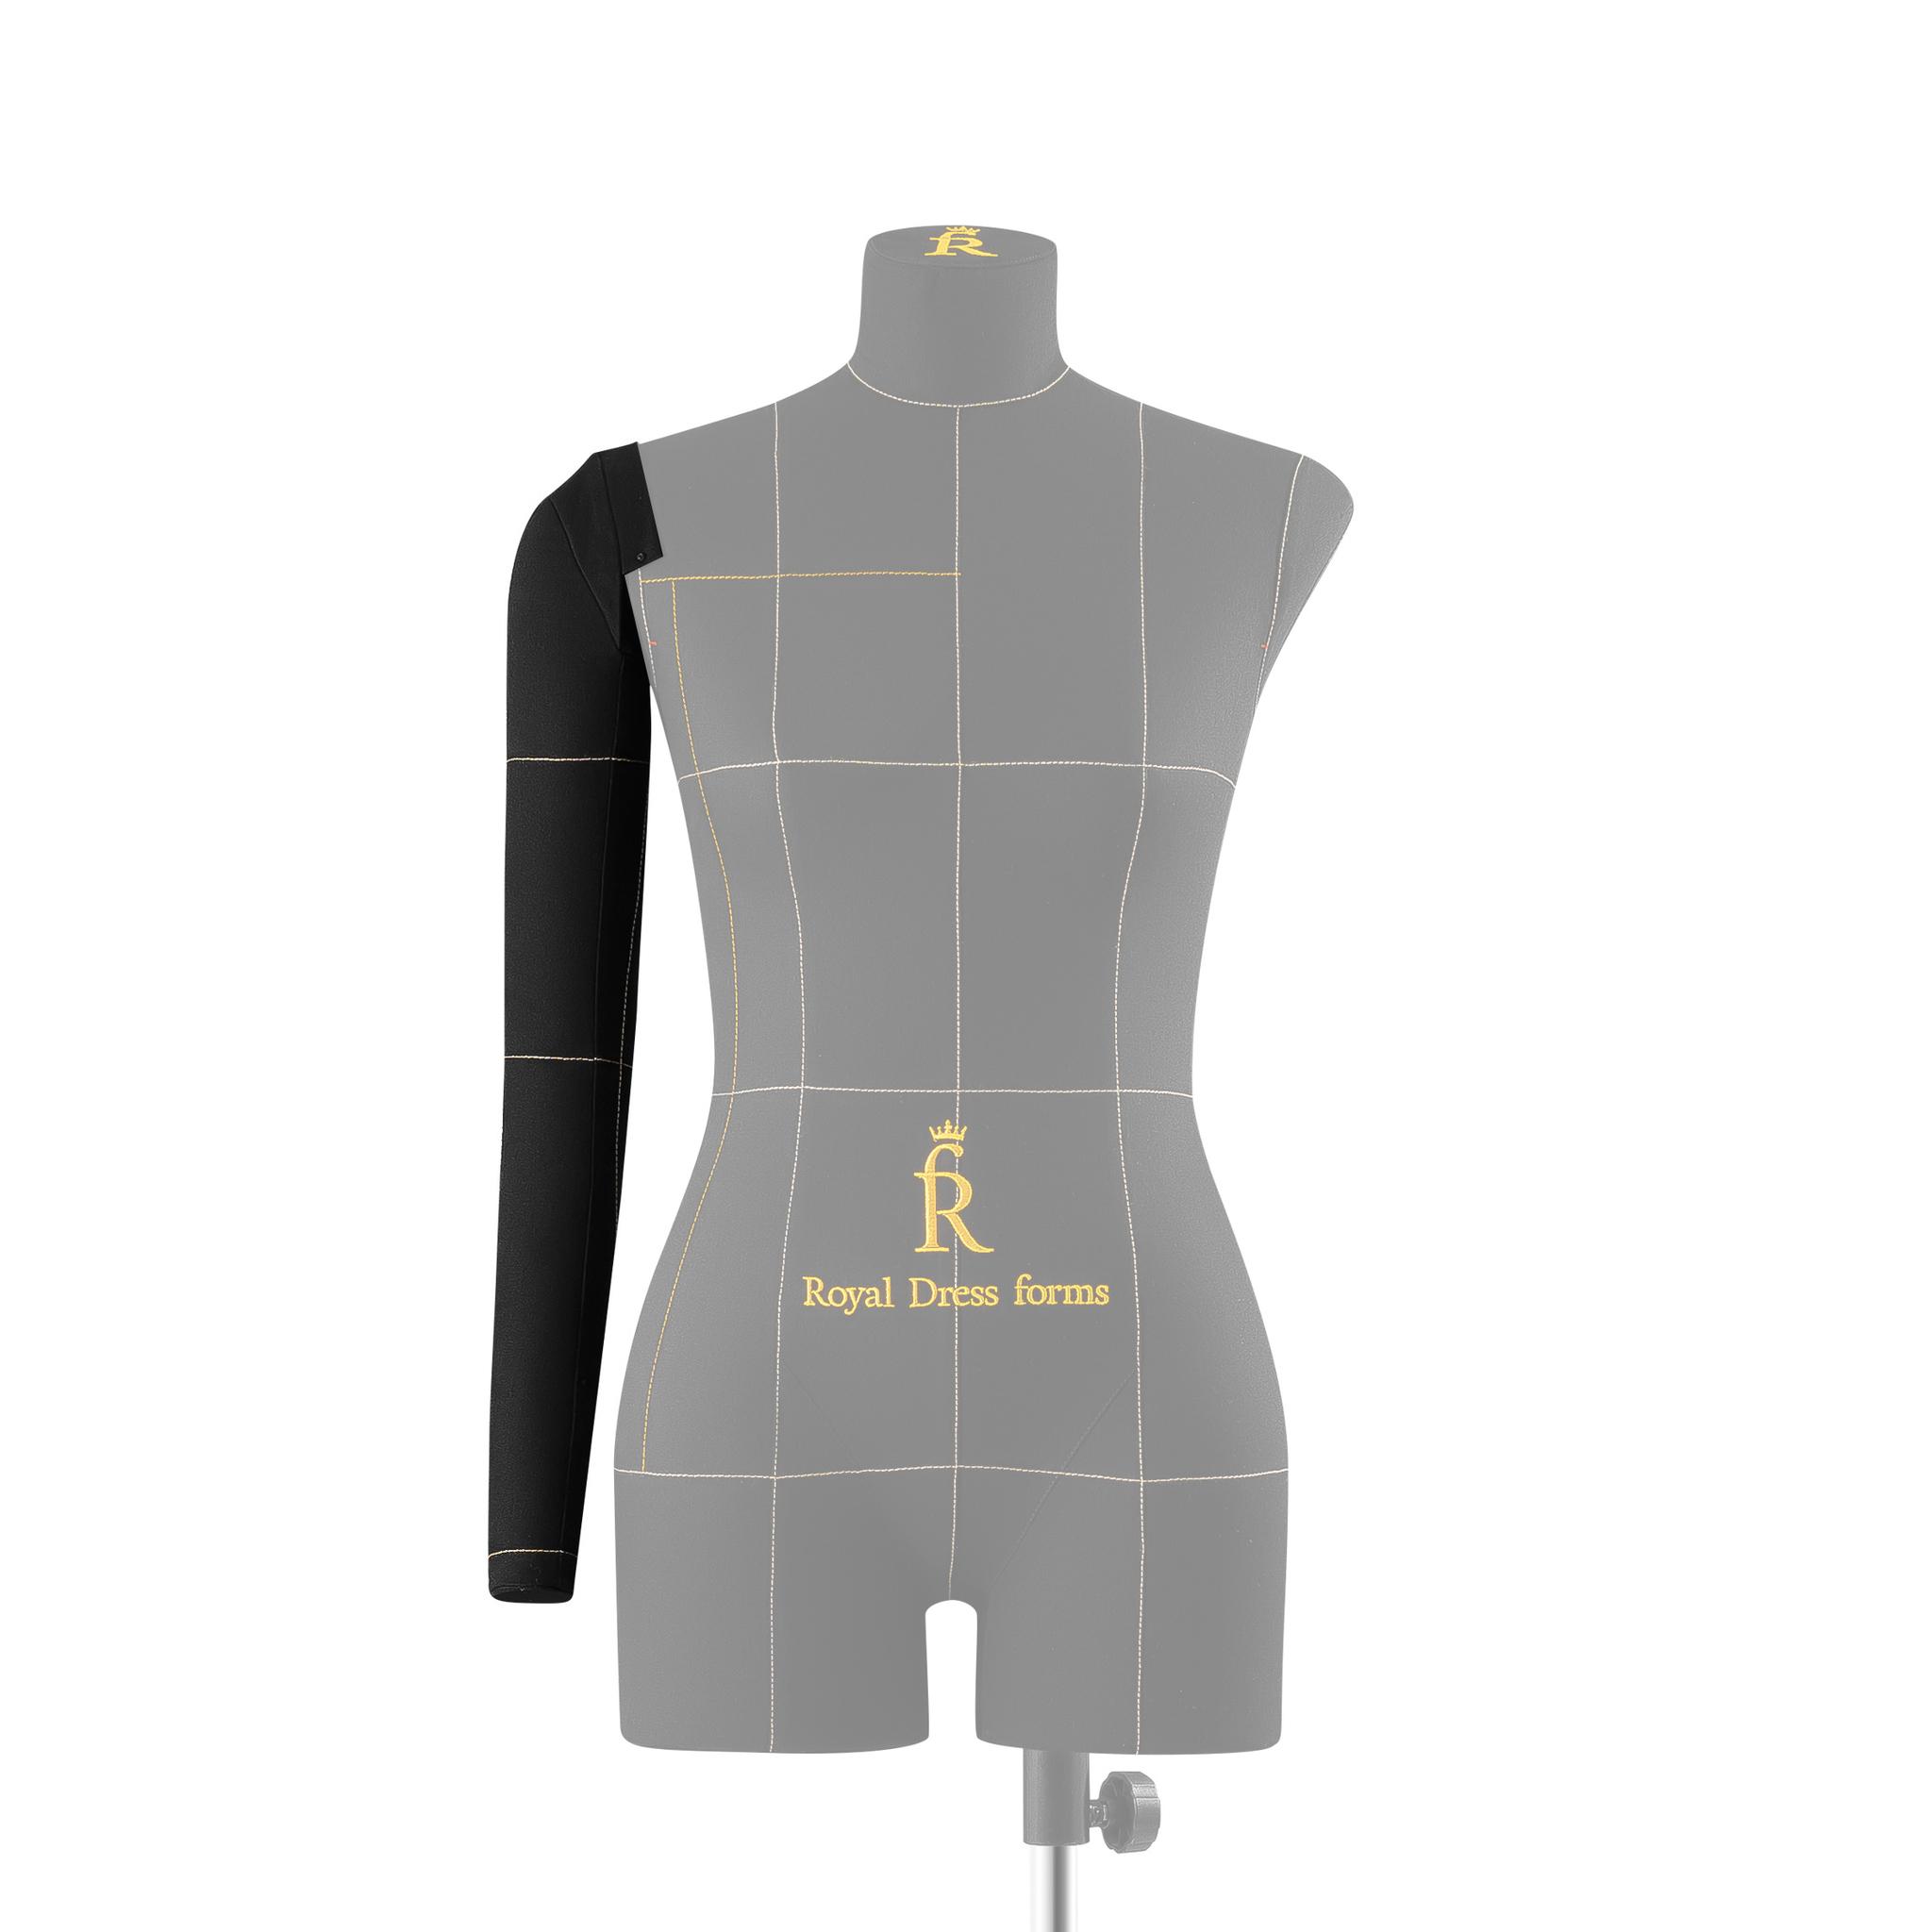 Правая рука для манекена Моника, черная, размер 42-44  тип фигуры Песочные часыФото 0